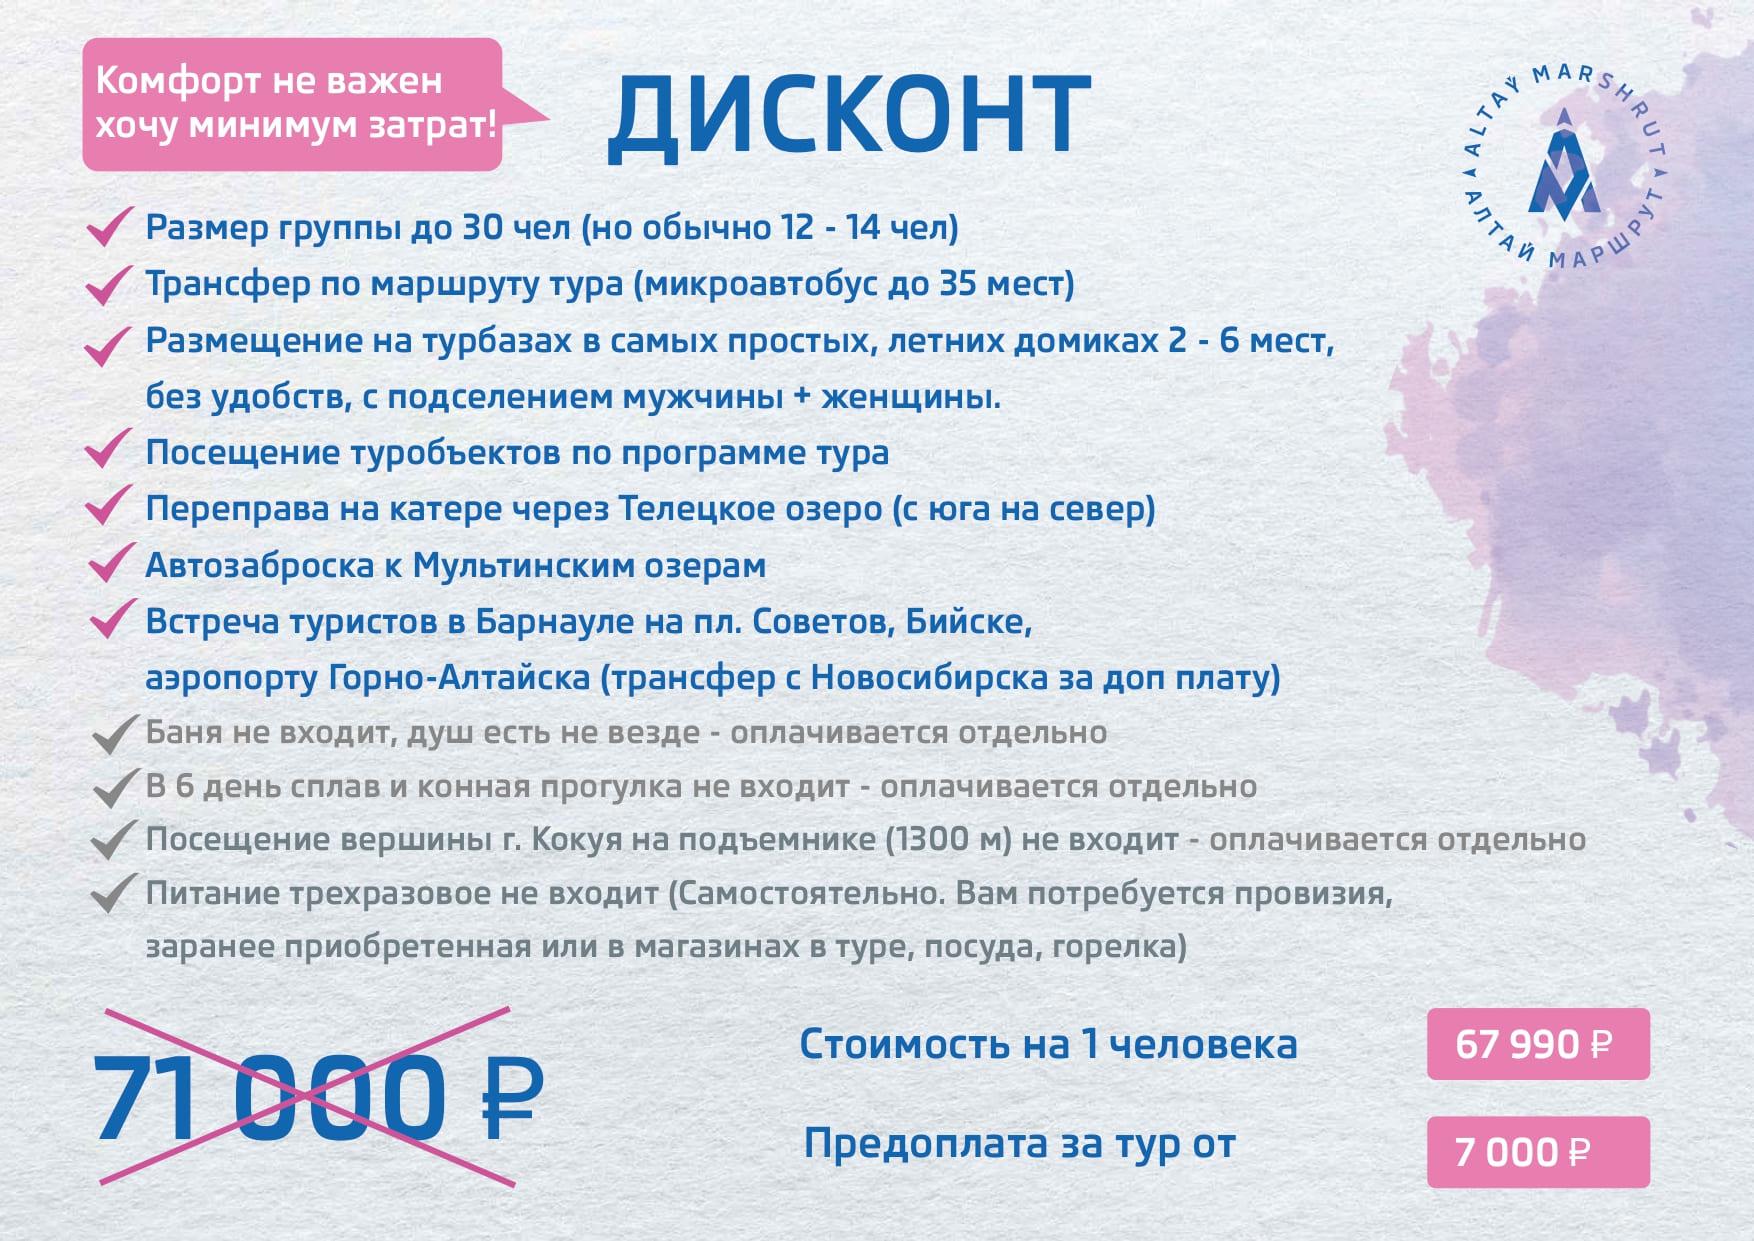 Весь Алтай 13 д_compressed (3)_page-0033